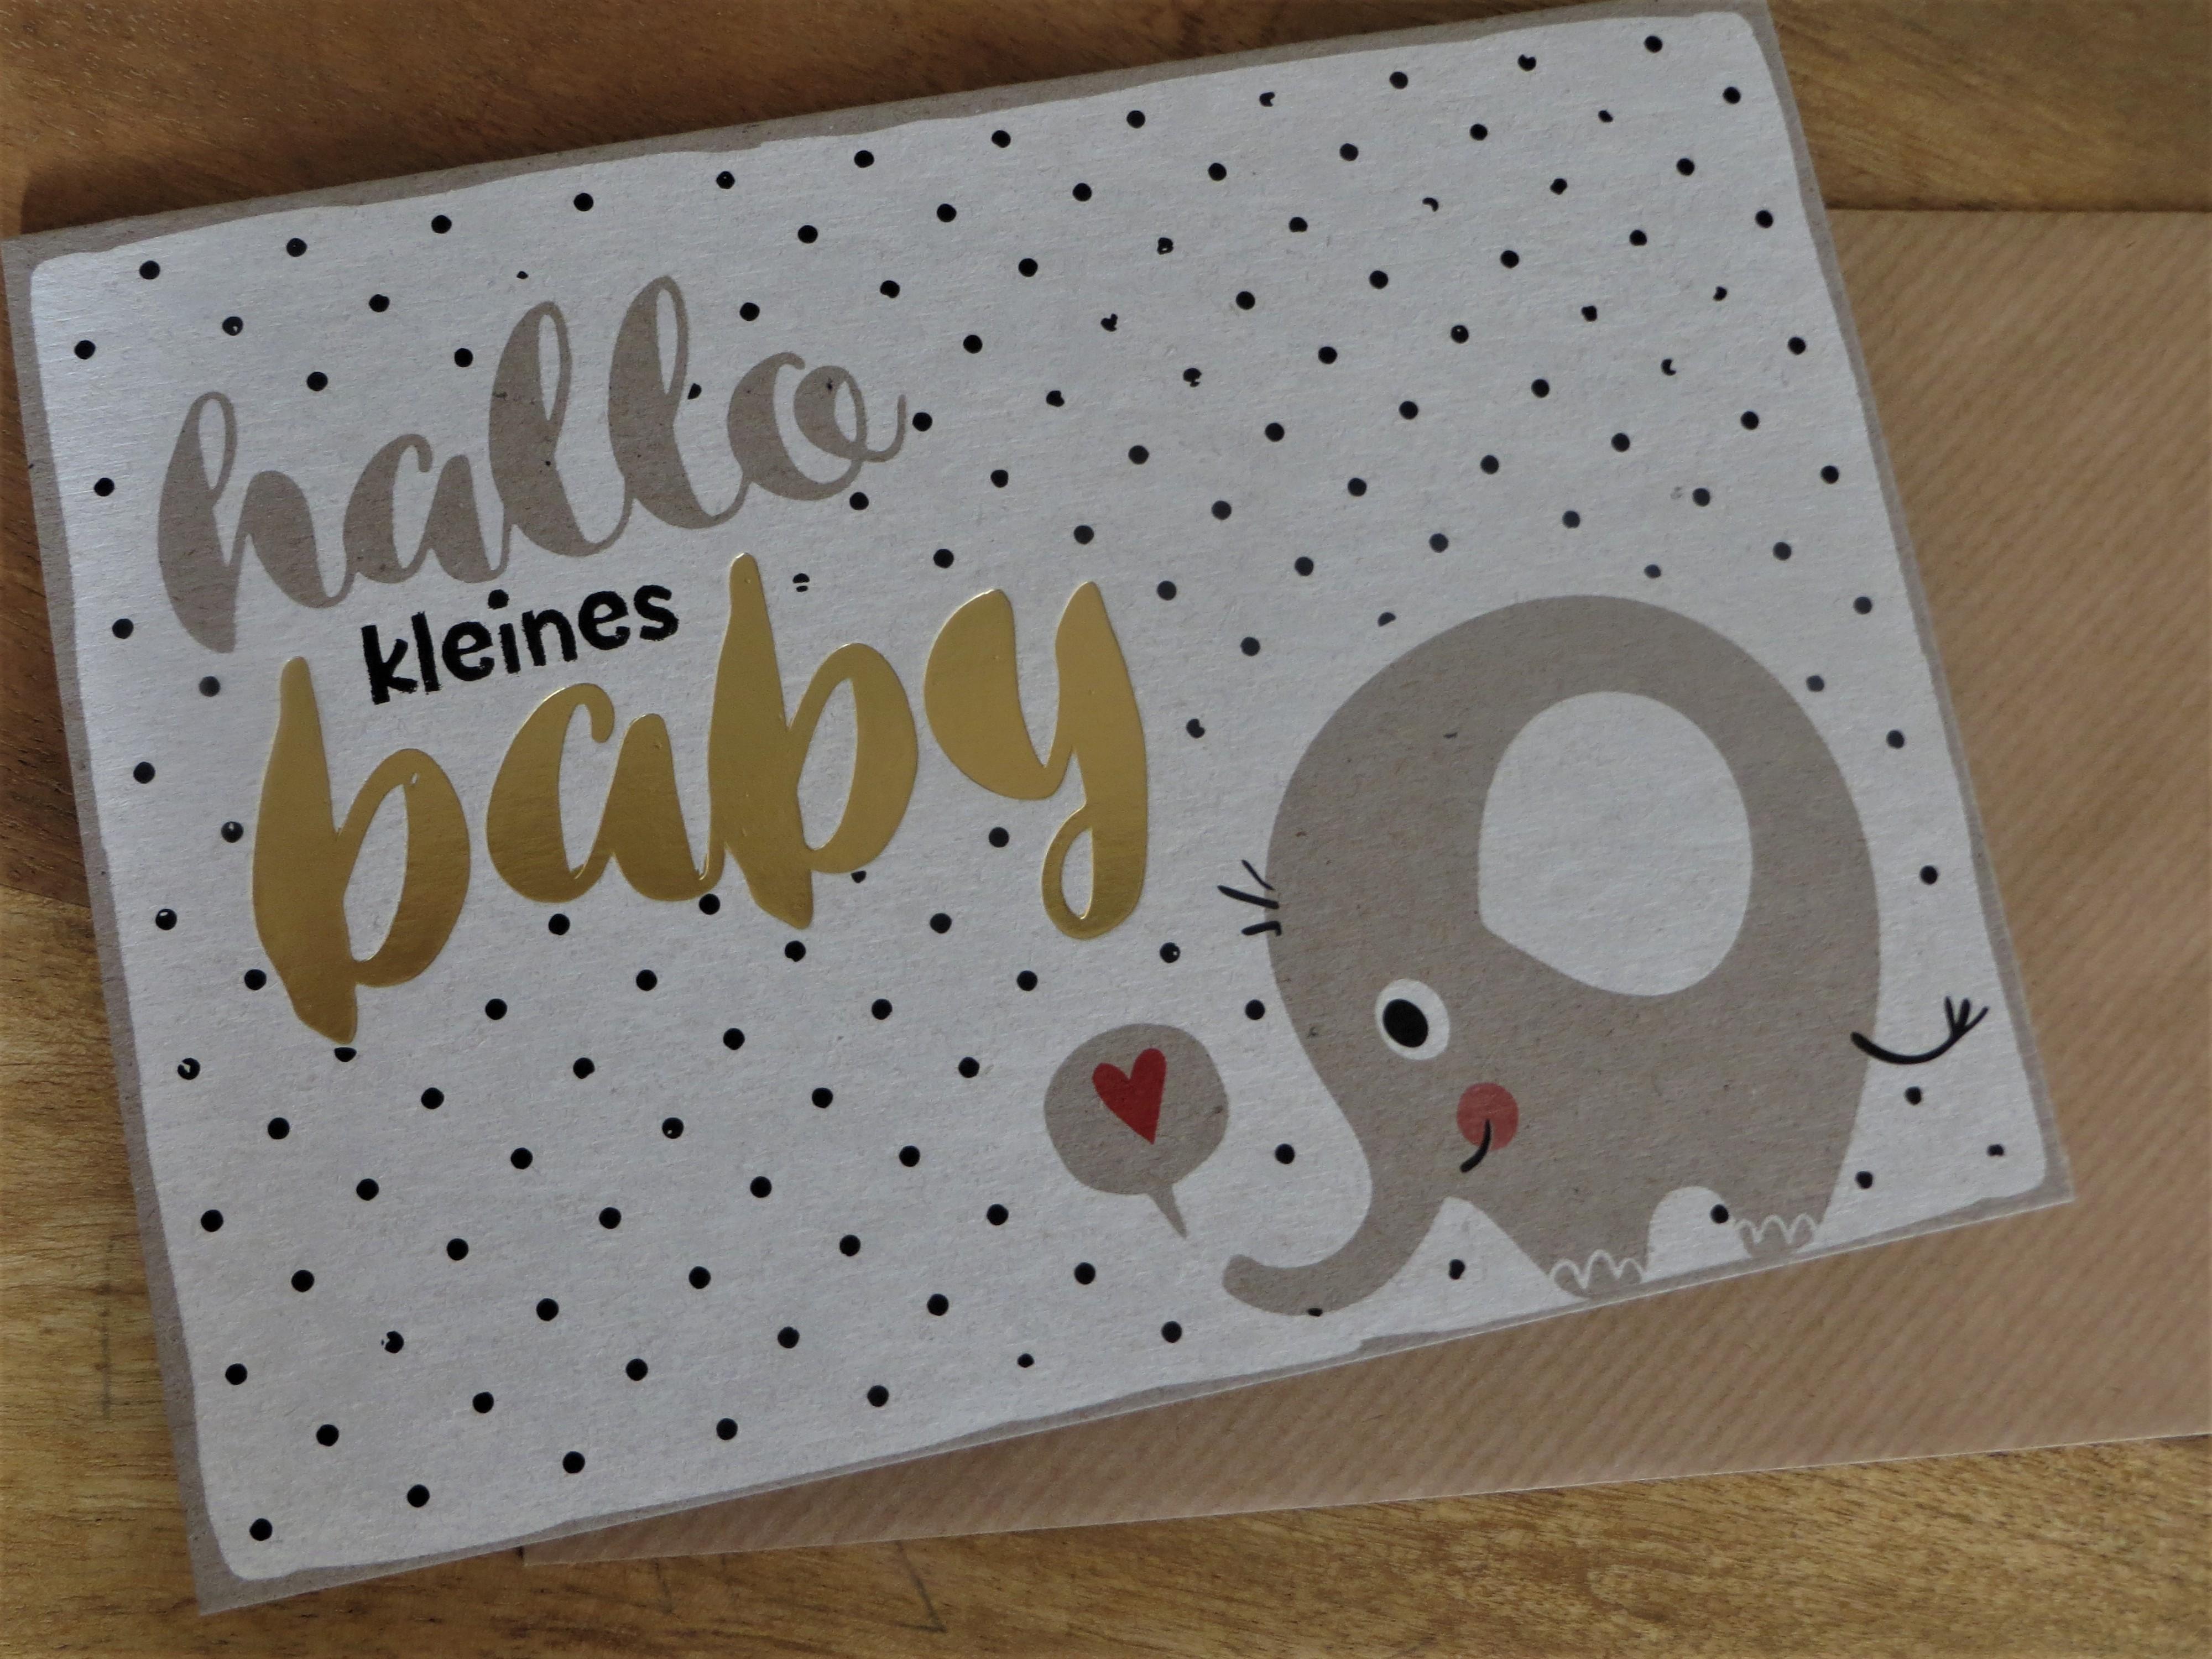 Nützlichgrusskarten - Klappkarte Umschlagkarte hallo kleines baby KUNST und BILD - Onlineshop Tante Emmer